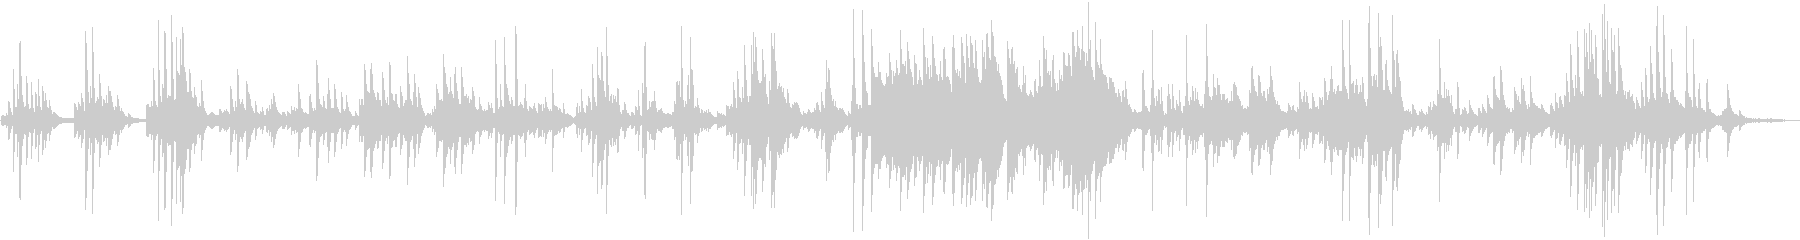 ピアノ×Pad音色の爽やかなソロ演奏曲…の未再生の波形